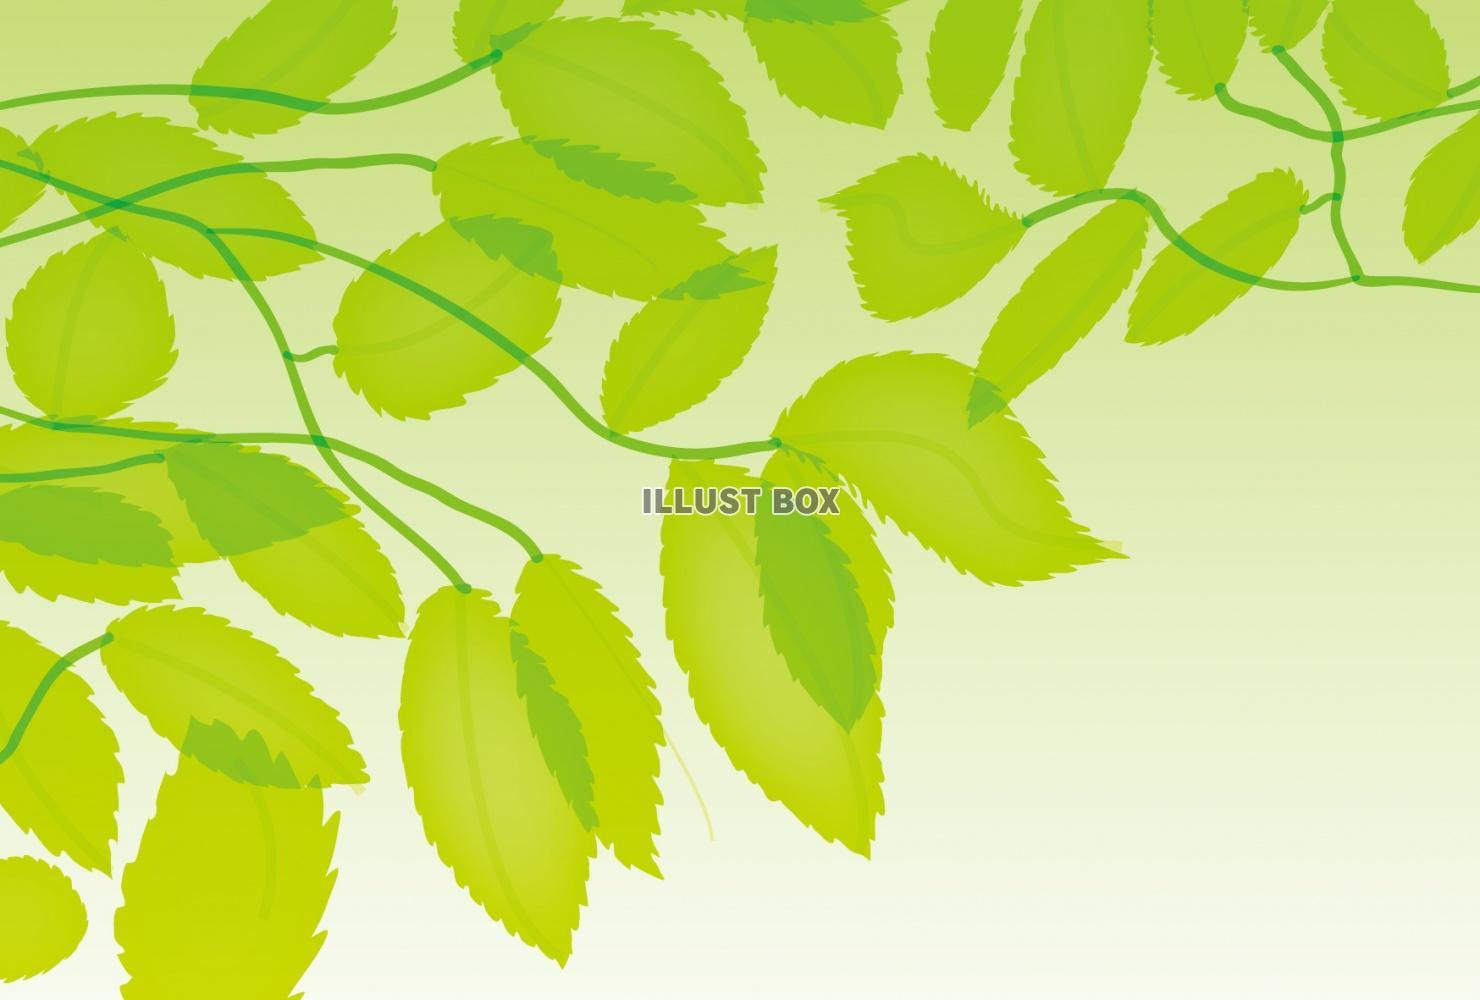 無料イラスト 5月の新緑のさわやかな若葉